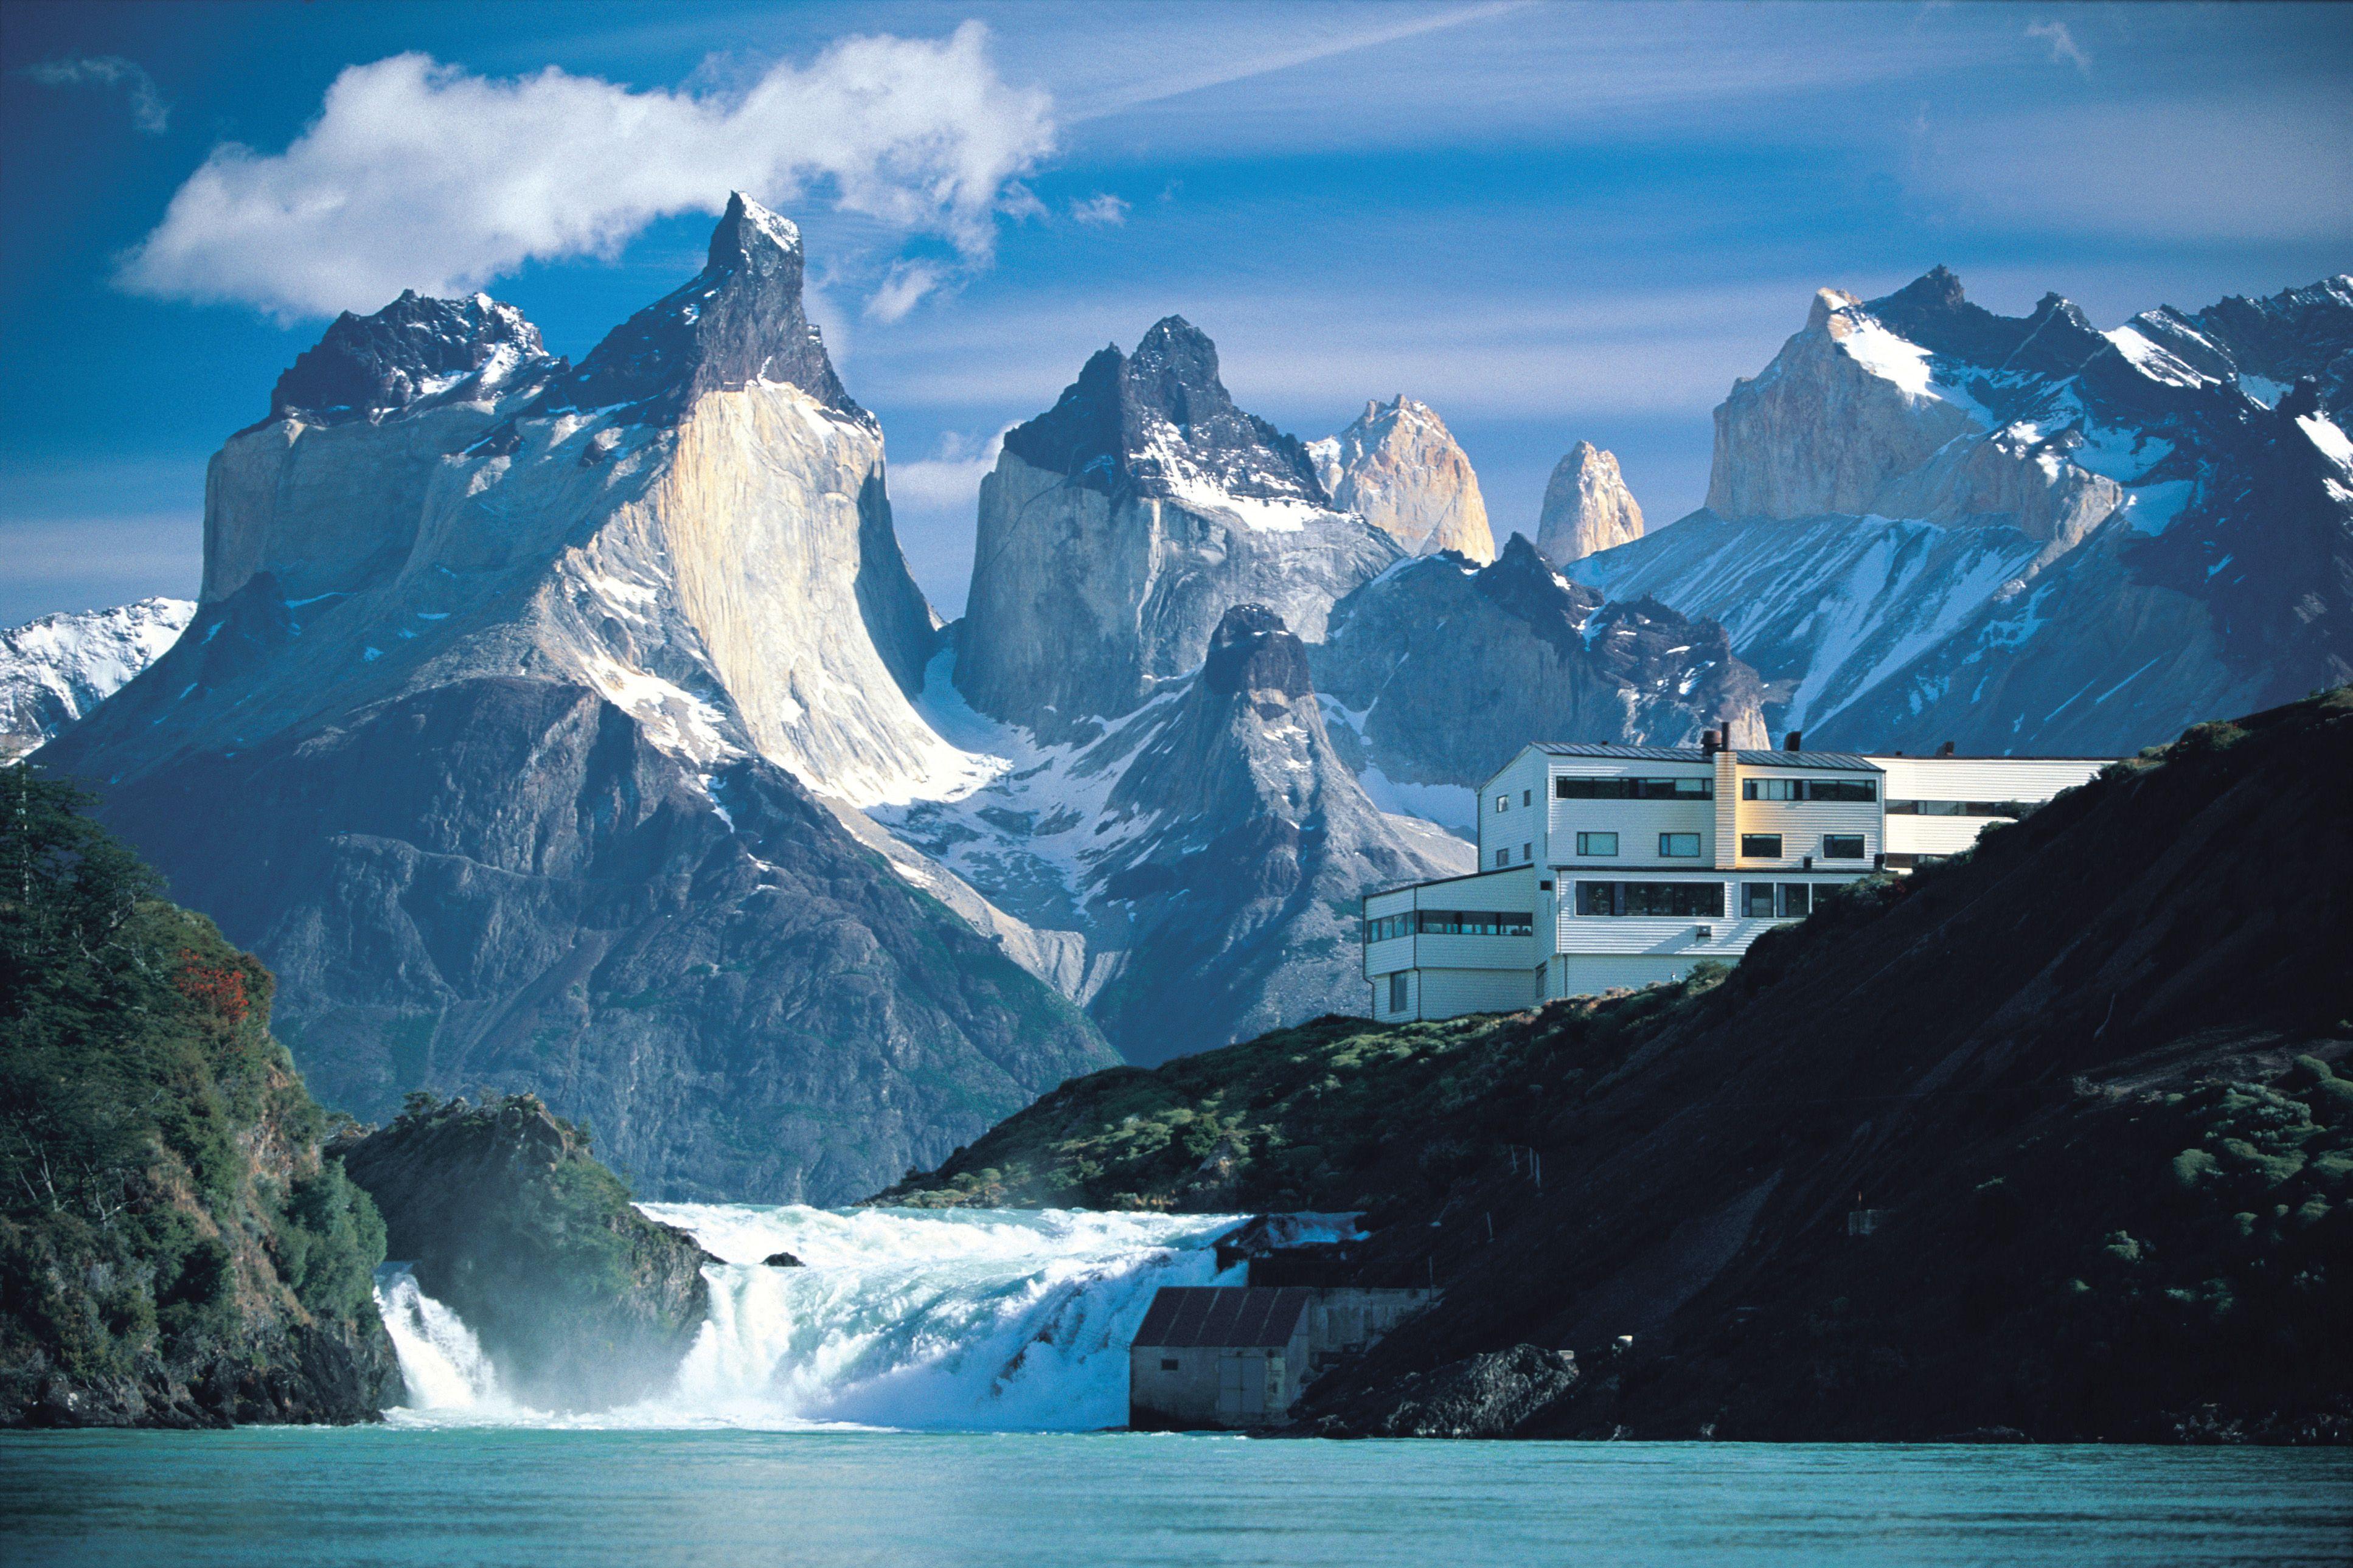 El hotel Explora en Torres del Paine tiene una filosofía única a la hora de mostrar este entorno tan especial.